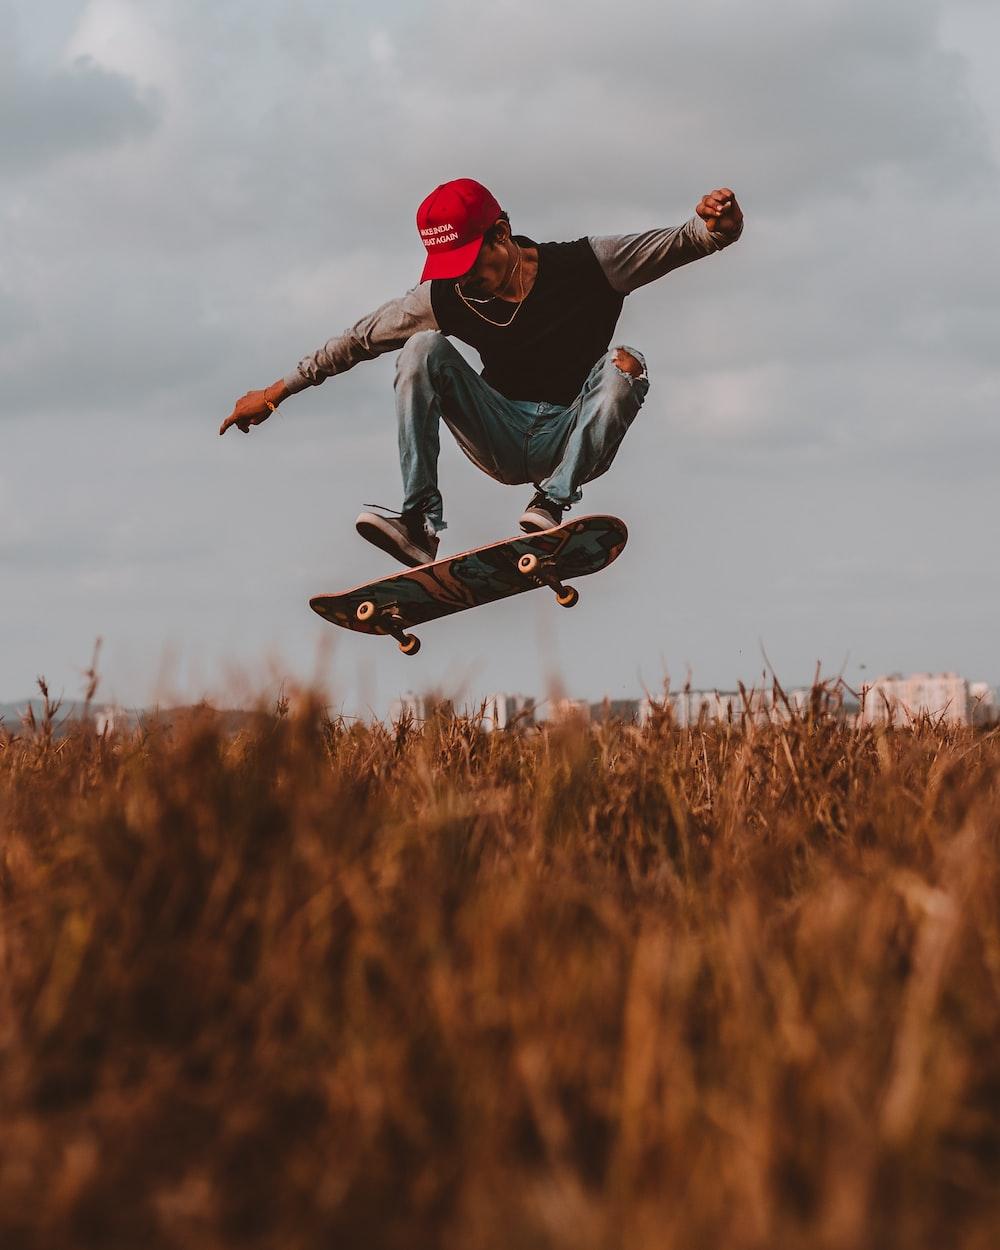 man performing skateboard trick during daytime